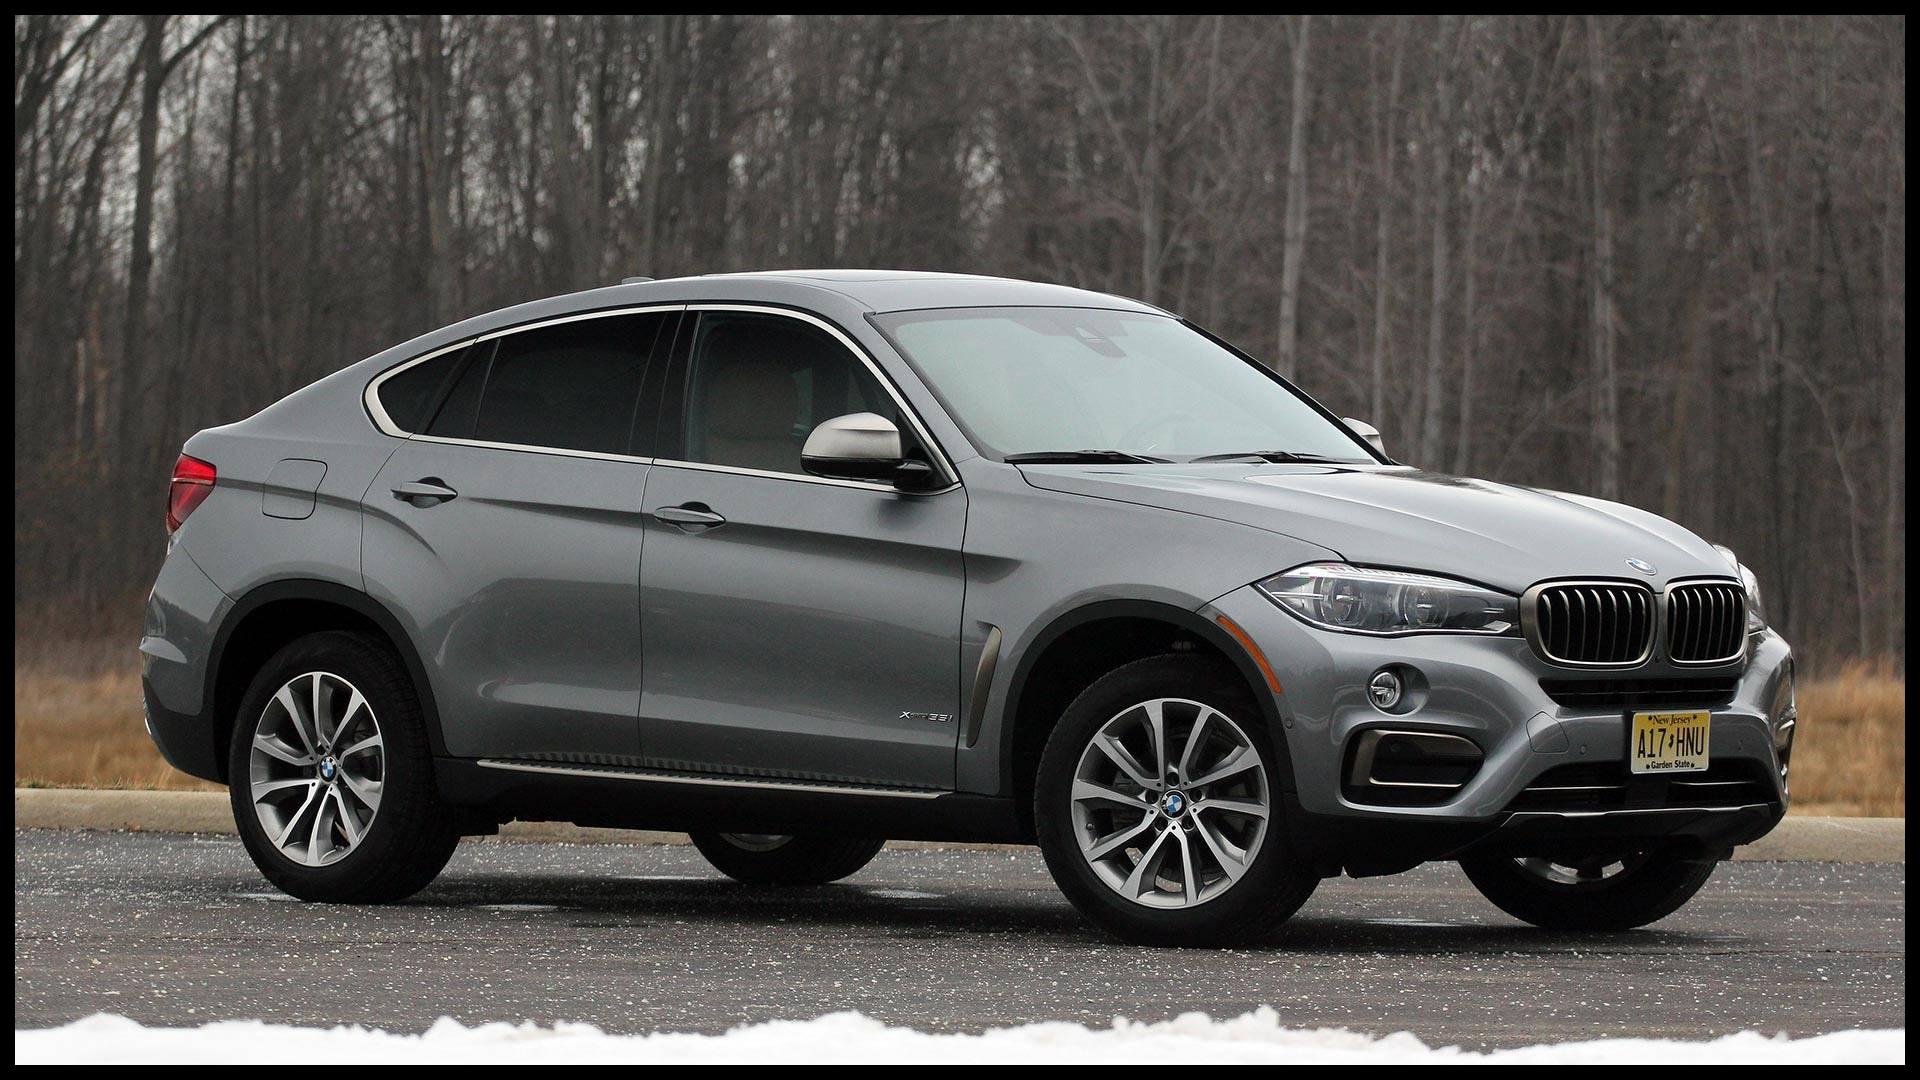 2018 bmw x6 xdrive35i review